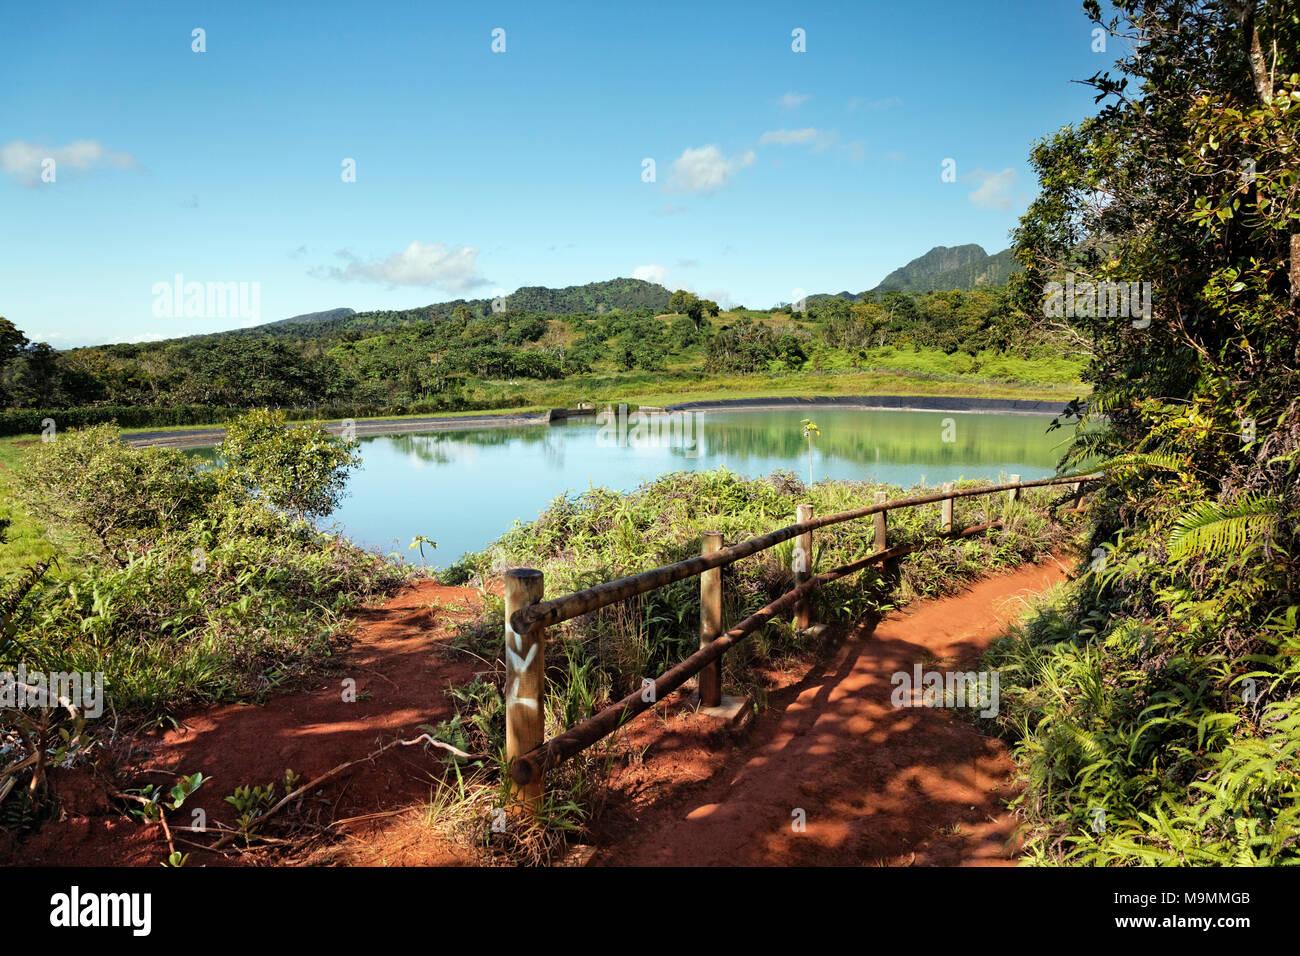 Depósito de agua, la Meseta de Taravao, Tahití Iti, Islas Sociedad, Polinesia Francesa, las Islas de Barlovento Imagen De Stock